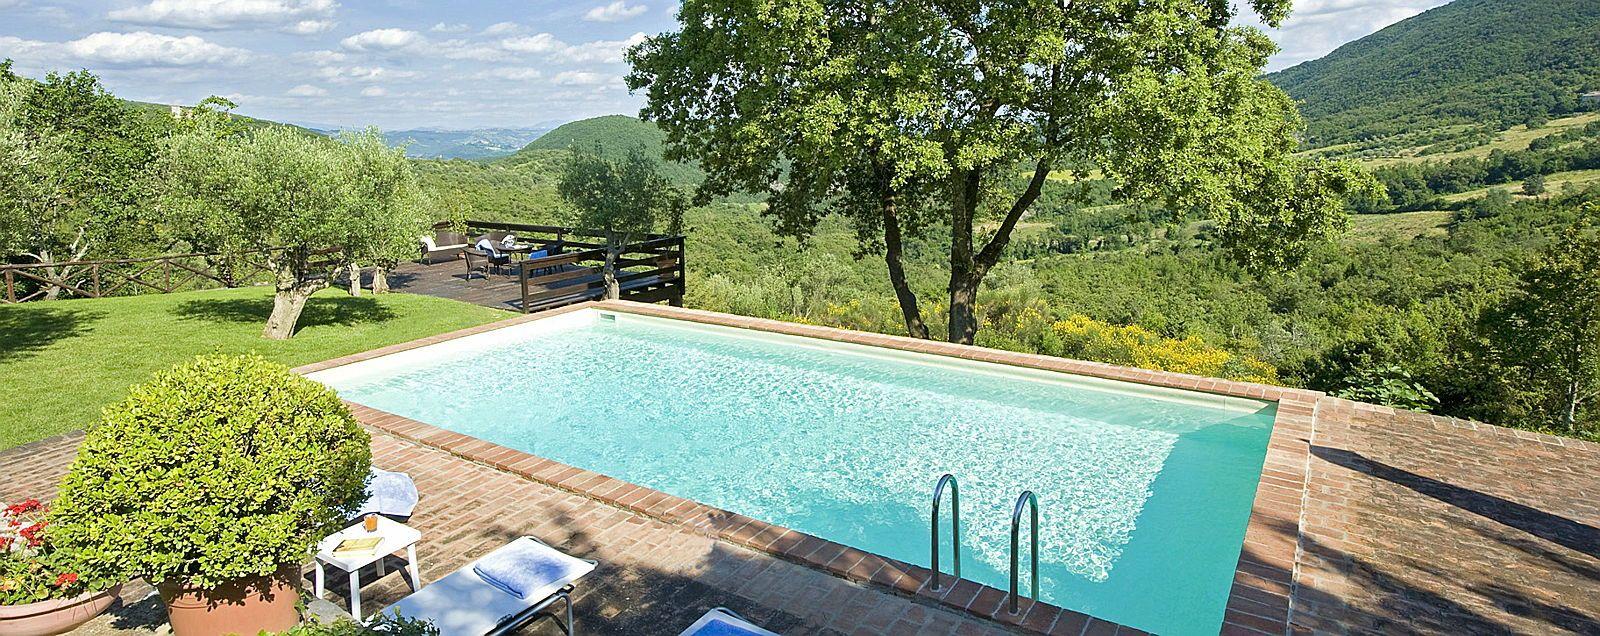 Cherche maison en Italie avec piscine 4adultes, 3enfants